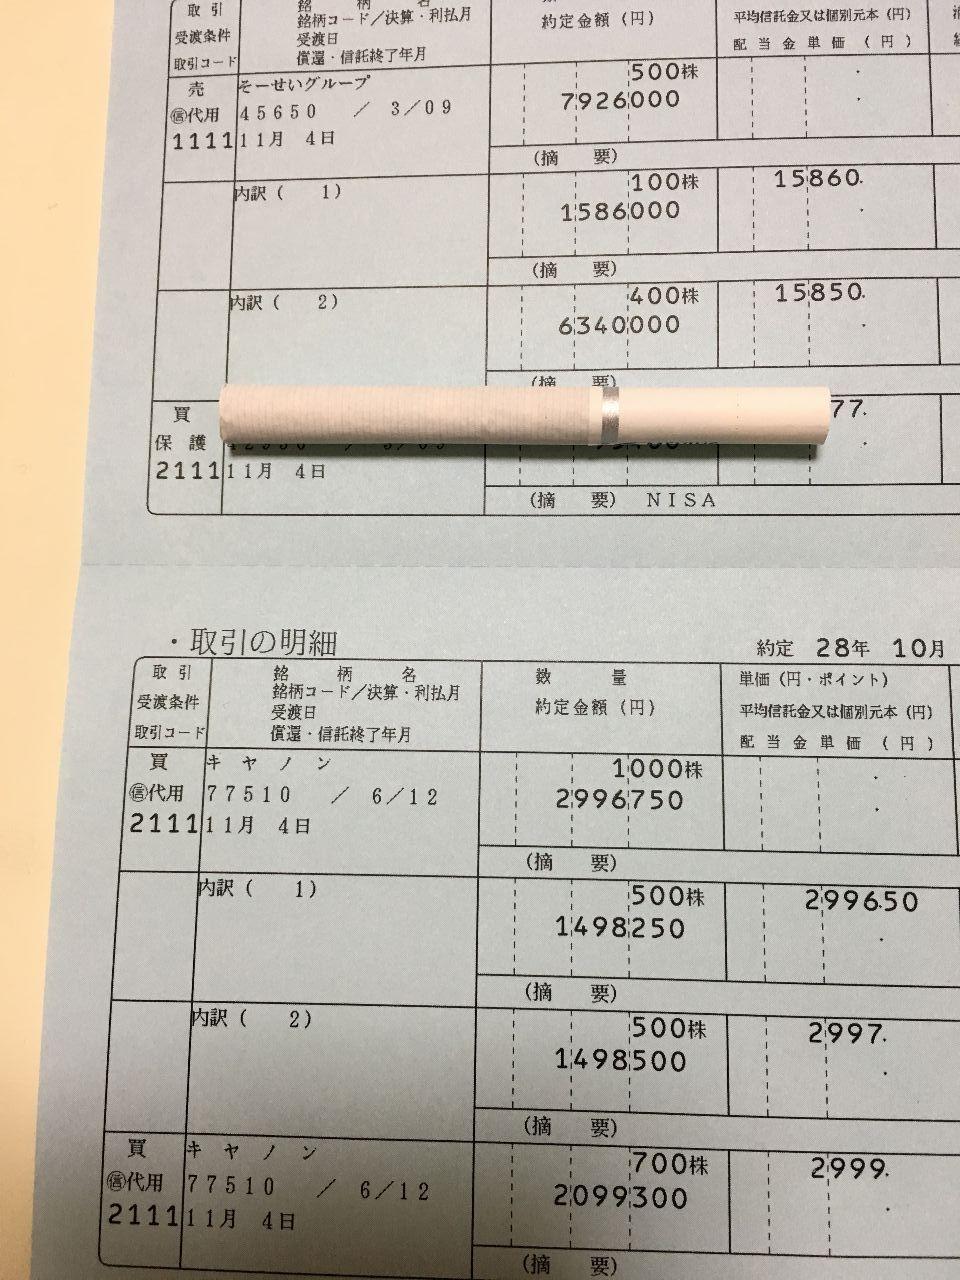 4565 - そーせいグループ(株) 年金爺様なお寿司大好き@安保dす  お前にとっての不都合な部分隠すの 恥かしいのう?